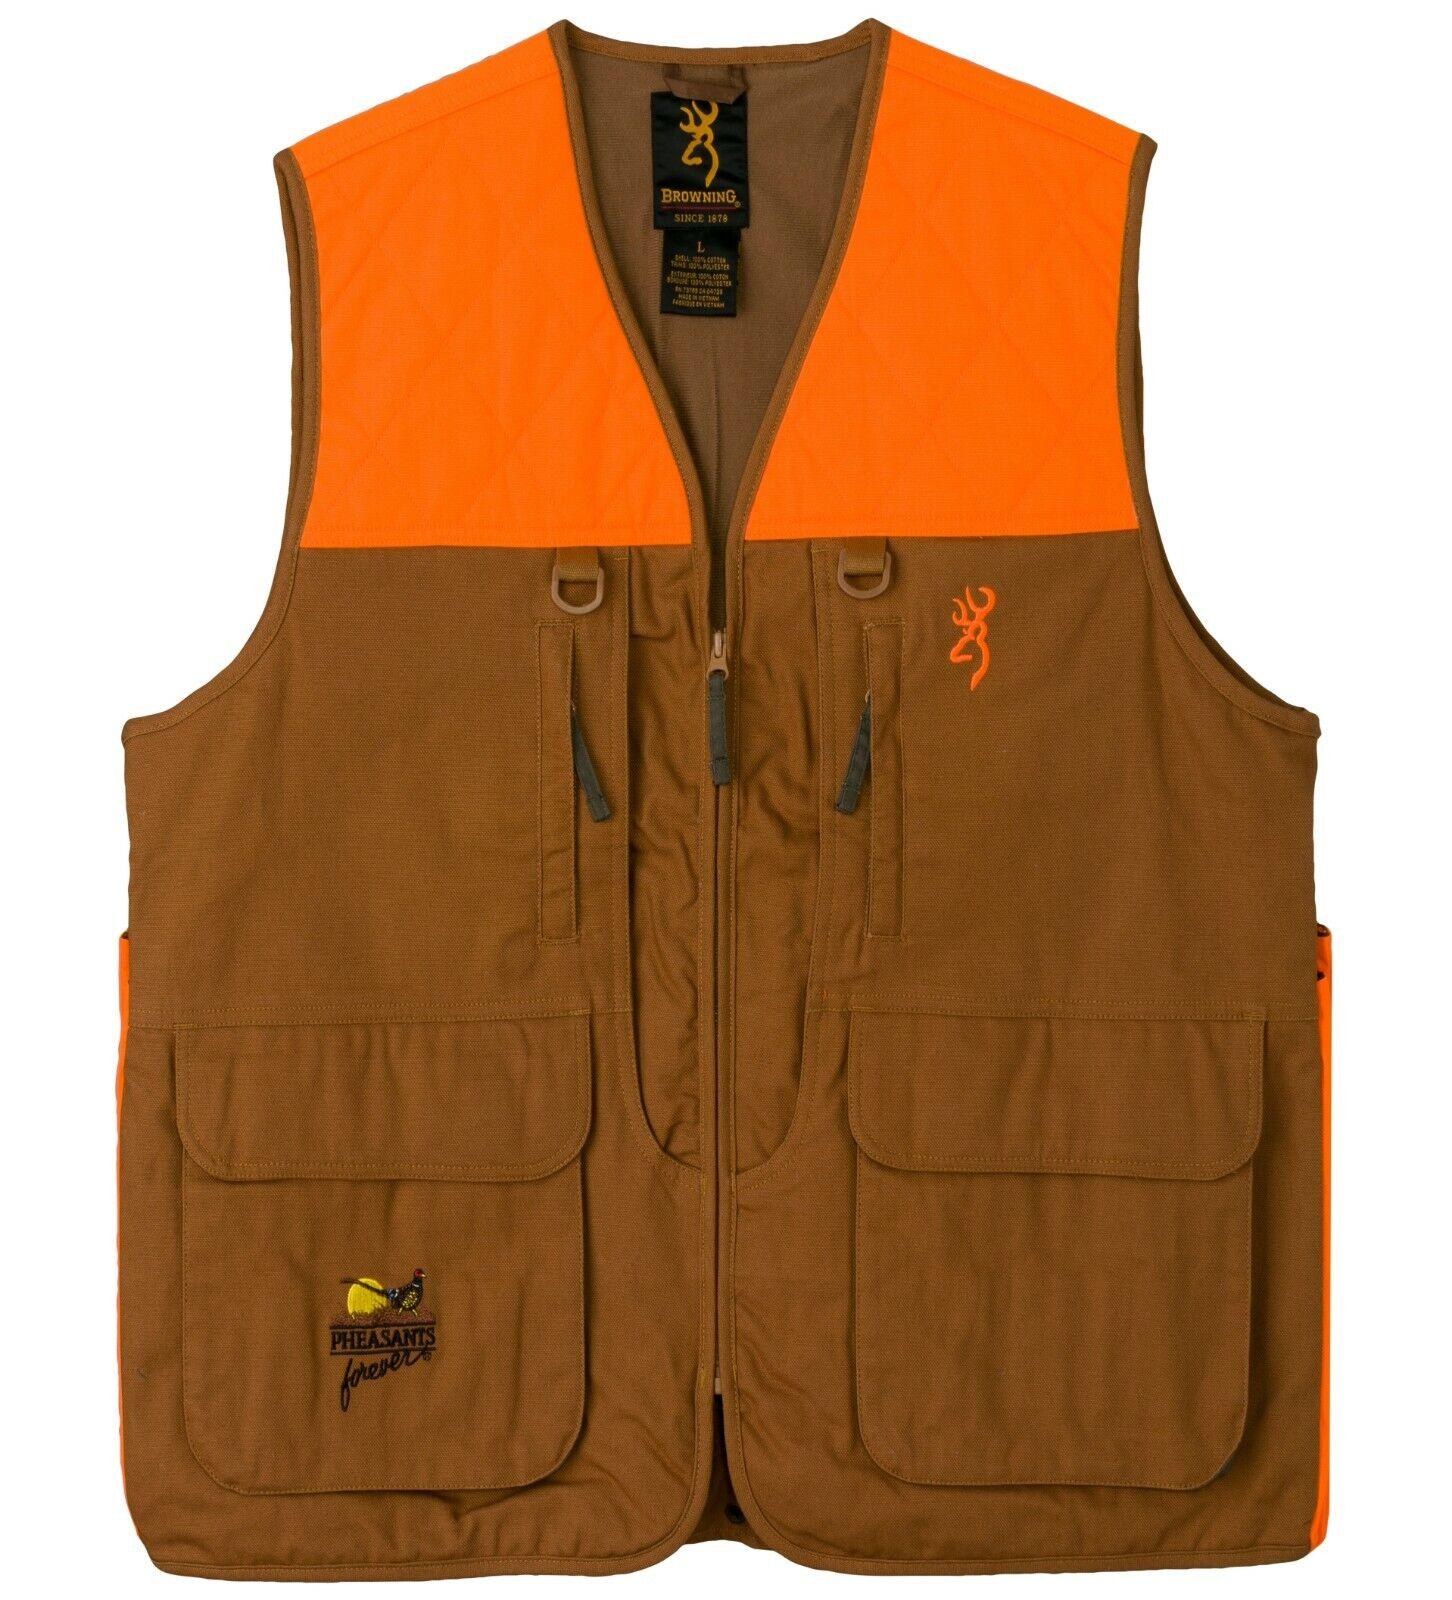 Browning  Pheasants Forever Vest, Khaki Blaze with Pheasants Forever Embroidery  with 100% quality and %100 service